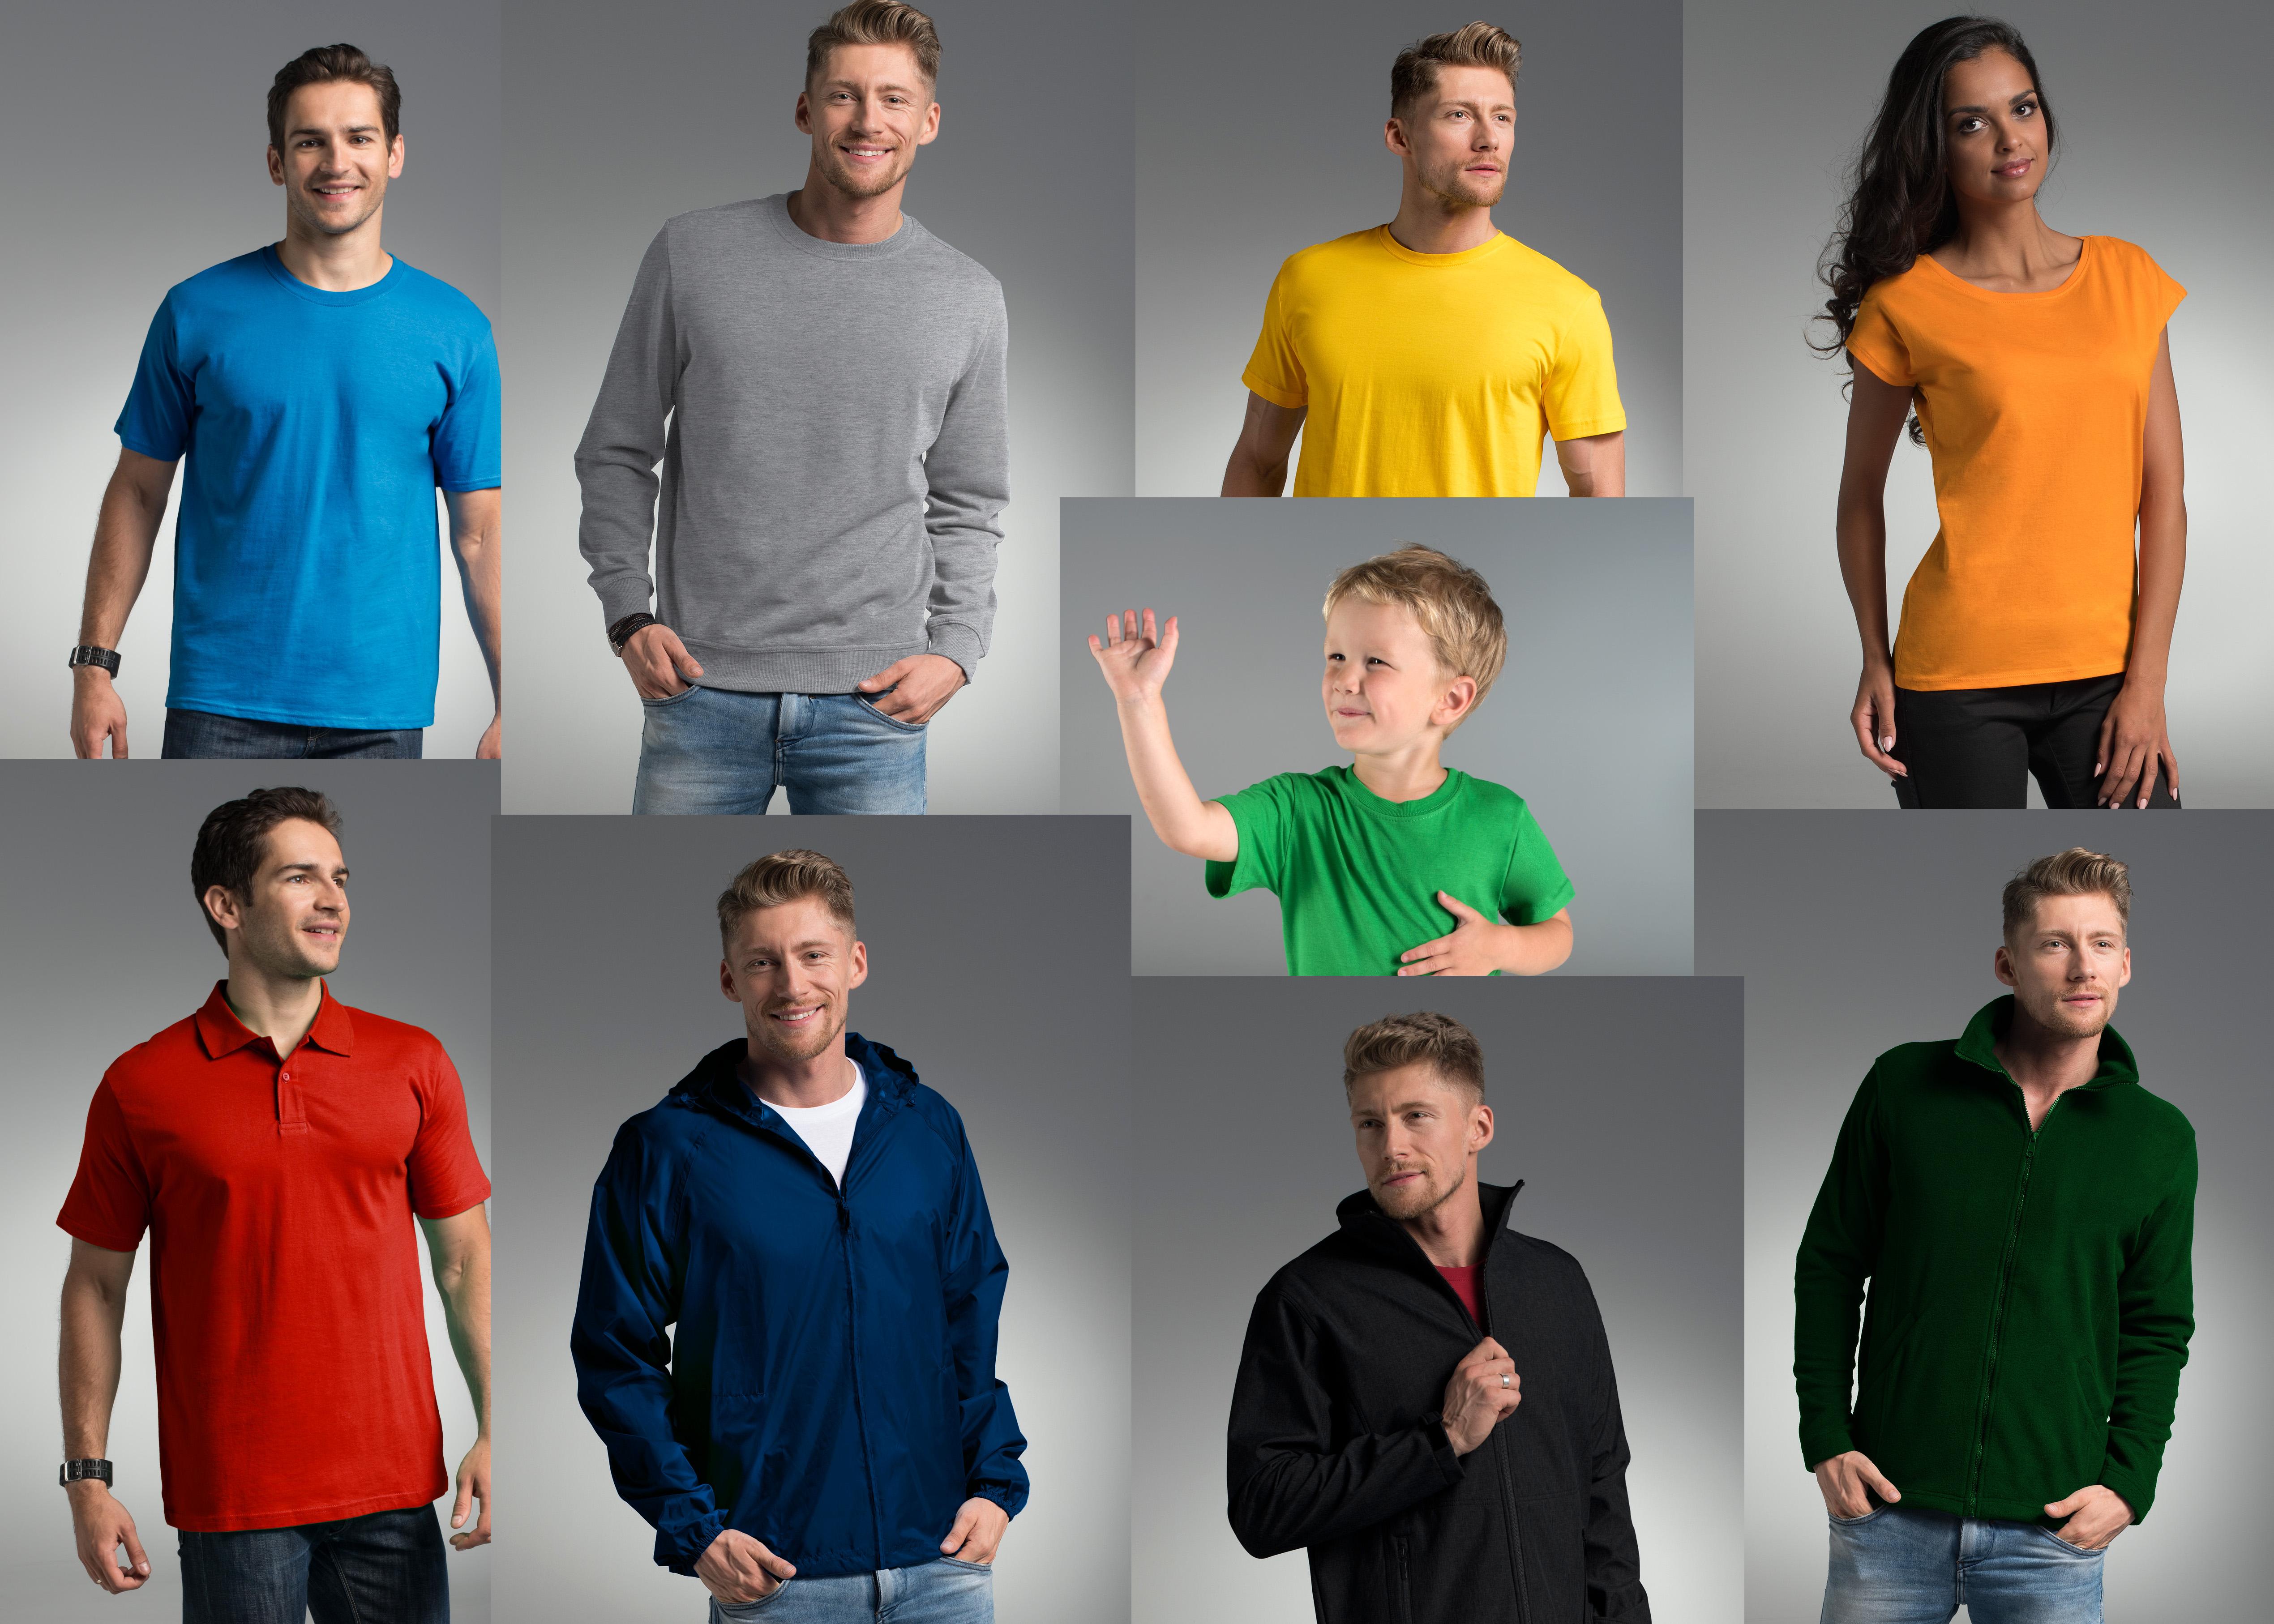 Geffer odzież reklamowa, robocza grupy Promostars